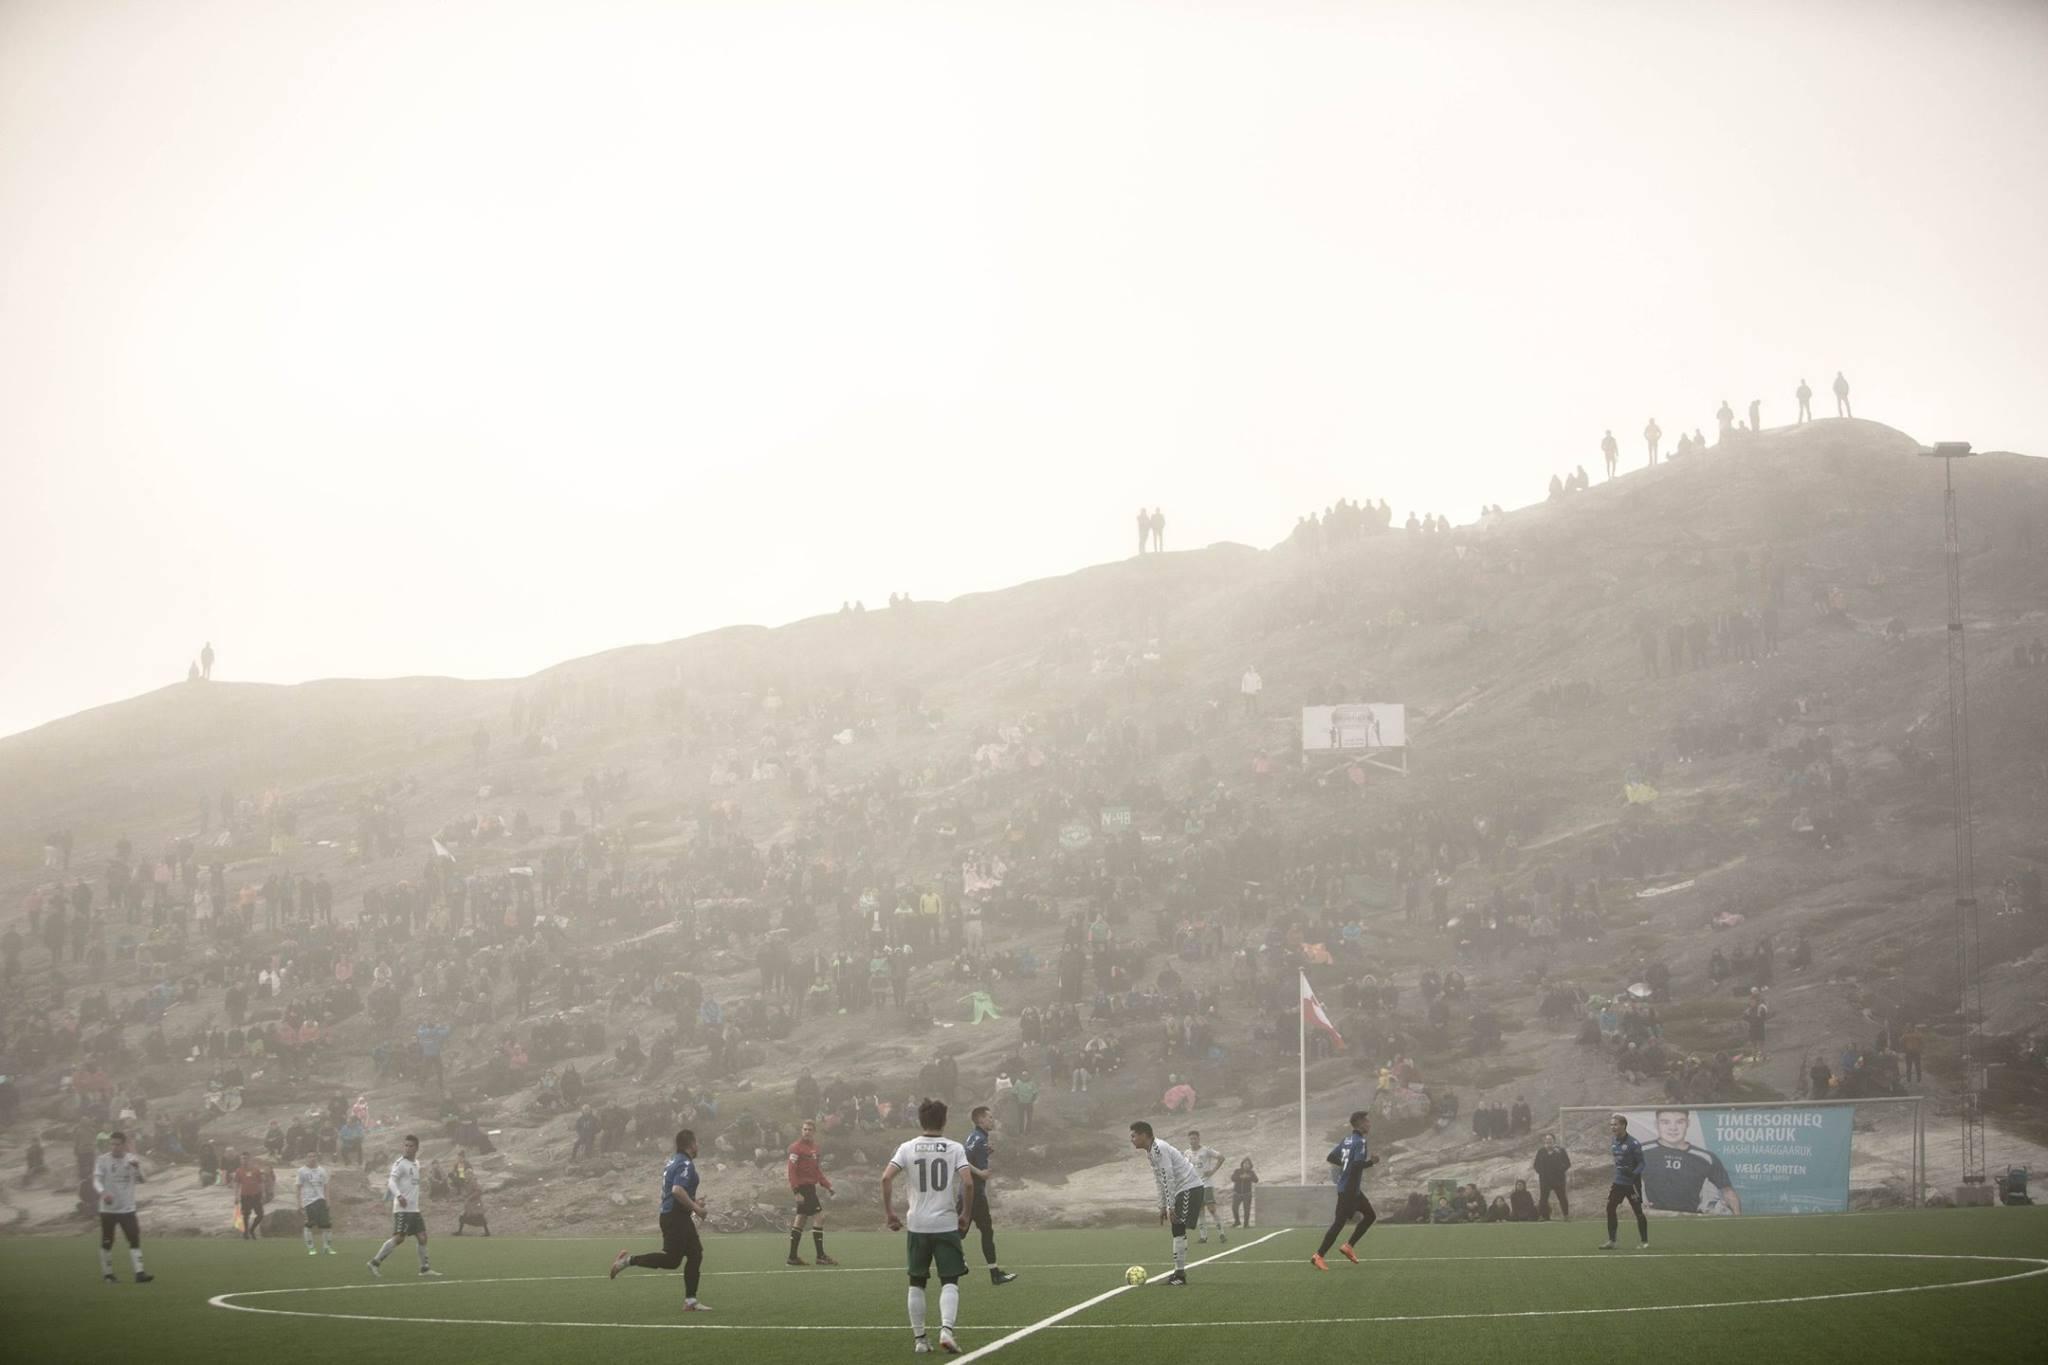 Самое короткое футбольное соревнование в мире: в Гренландии сезон длится одну неделю (+Фото, Видео) - изображение 27